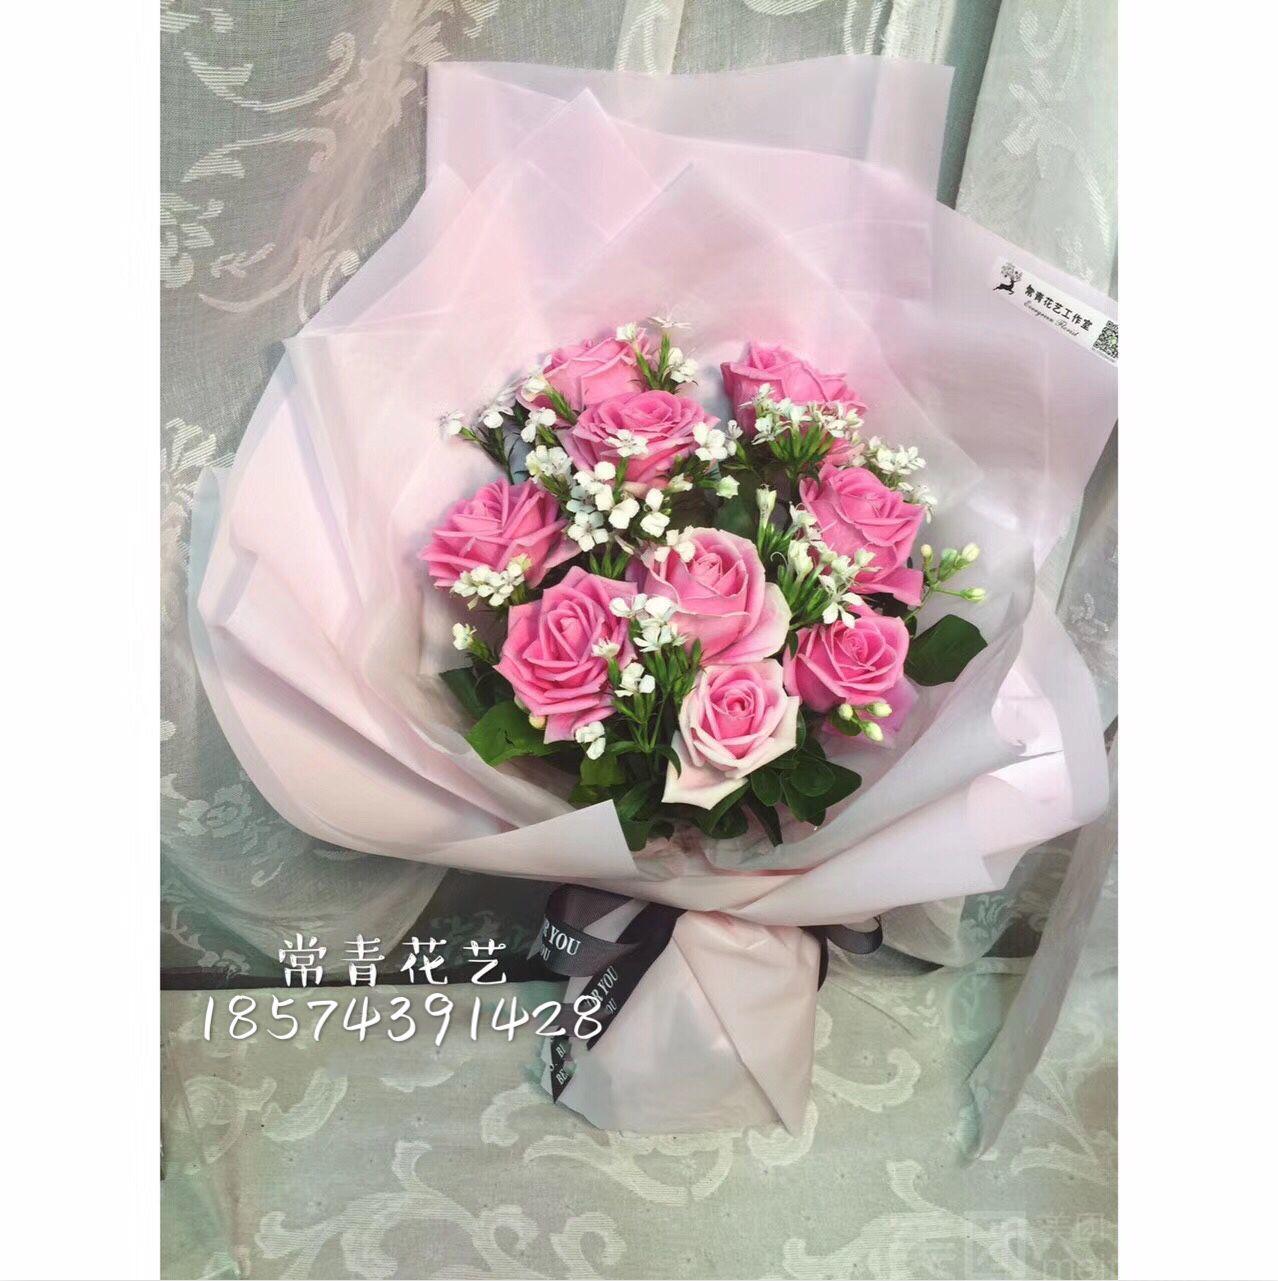 :长沙今日团购:【常青花艺工作室】9朵玫瑰花束